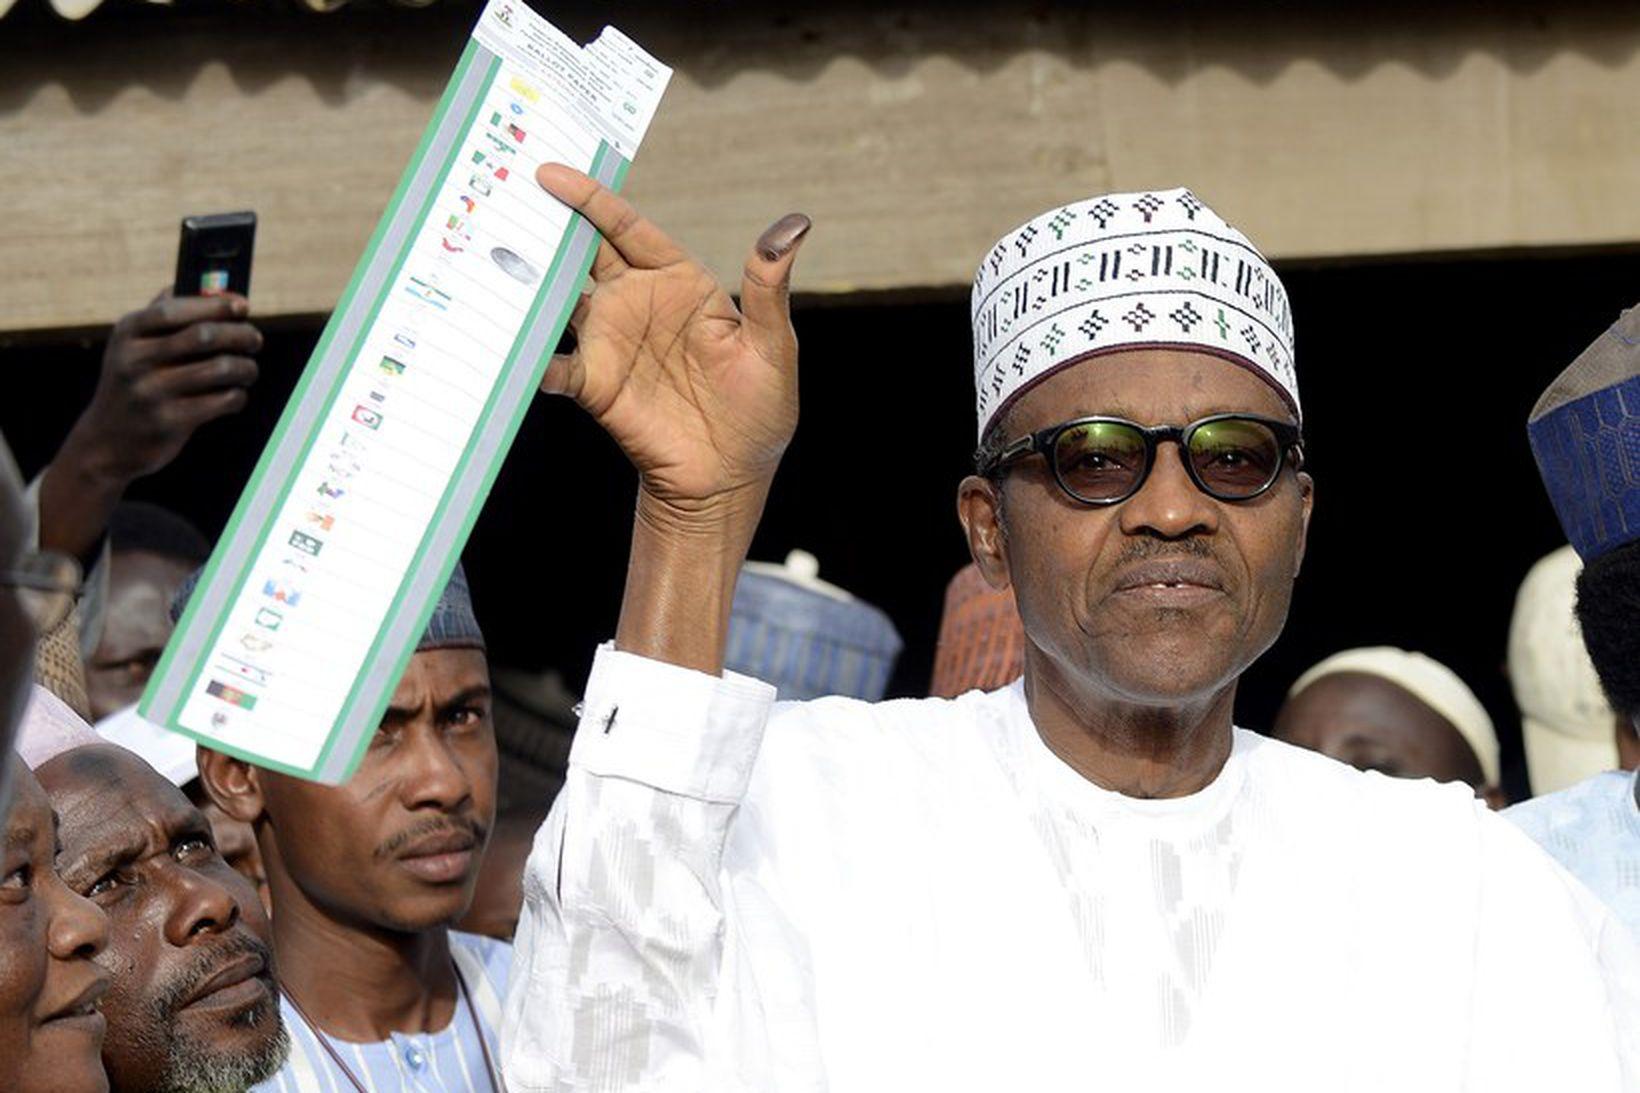 Buhari sigraði í kosningunum, en á tímabili var afar mjótt …